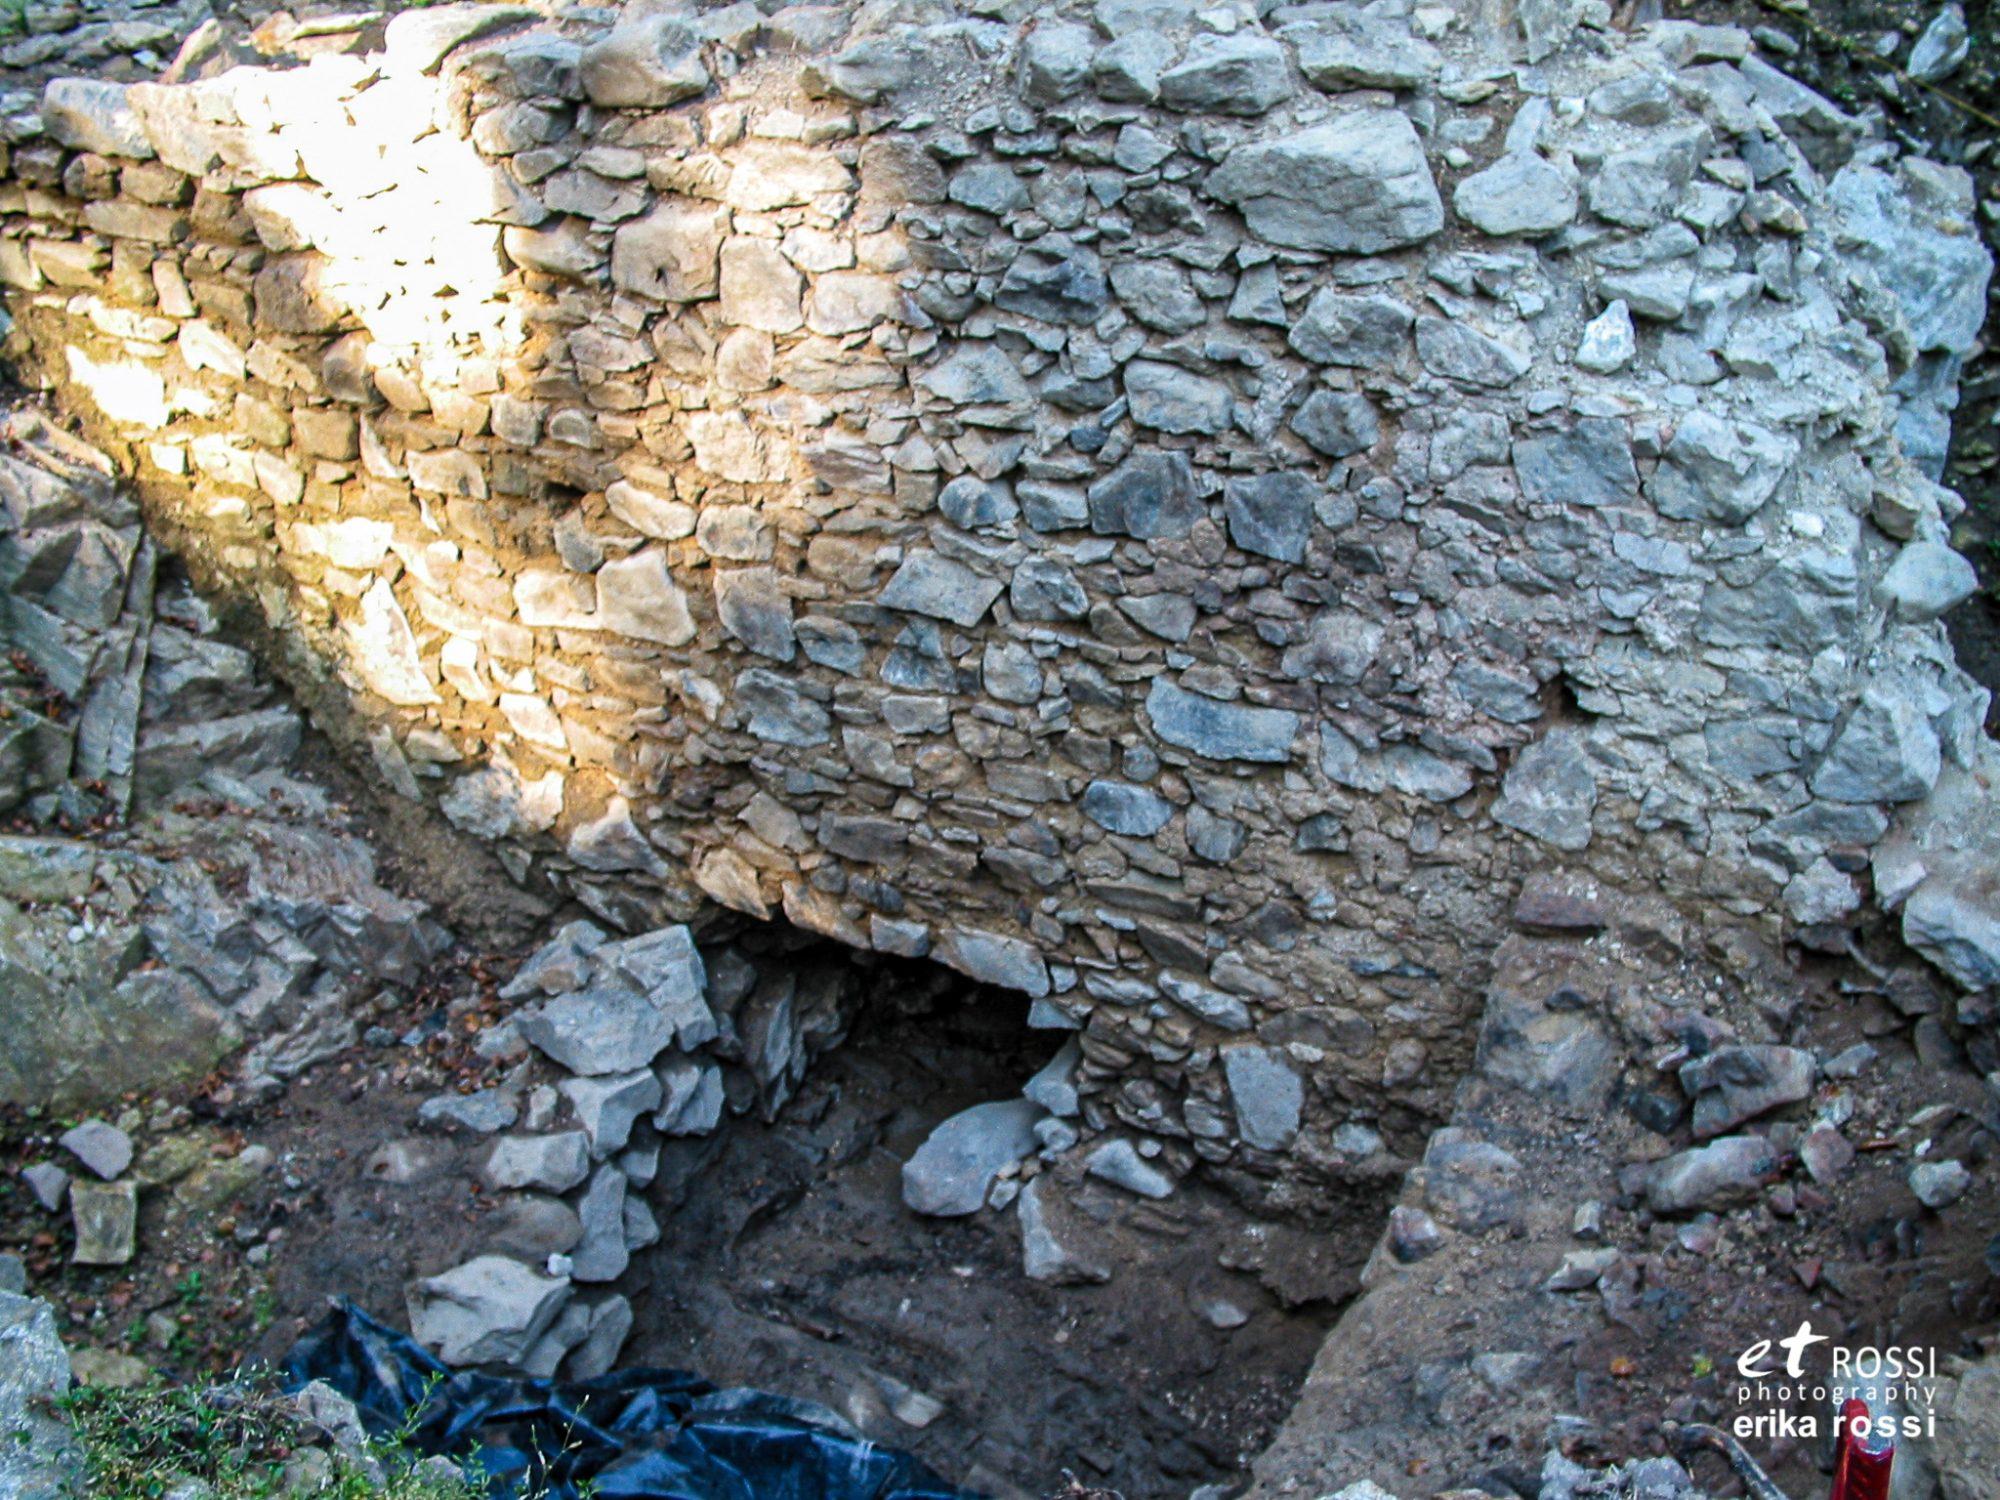 Birchiburg 2003 09 14 0017 - Birchiburg